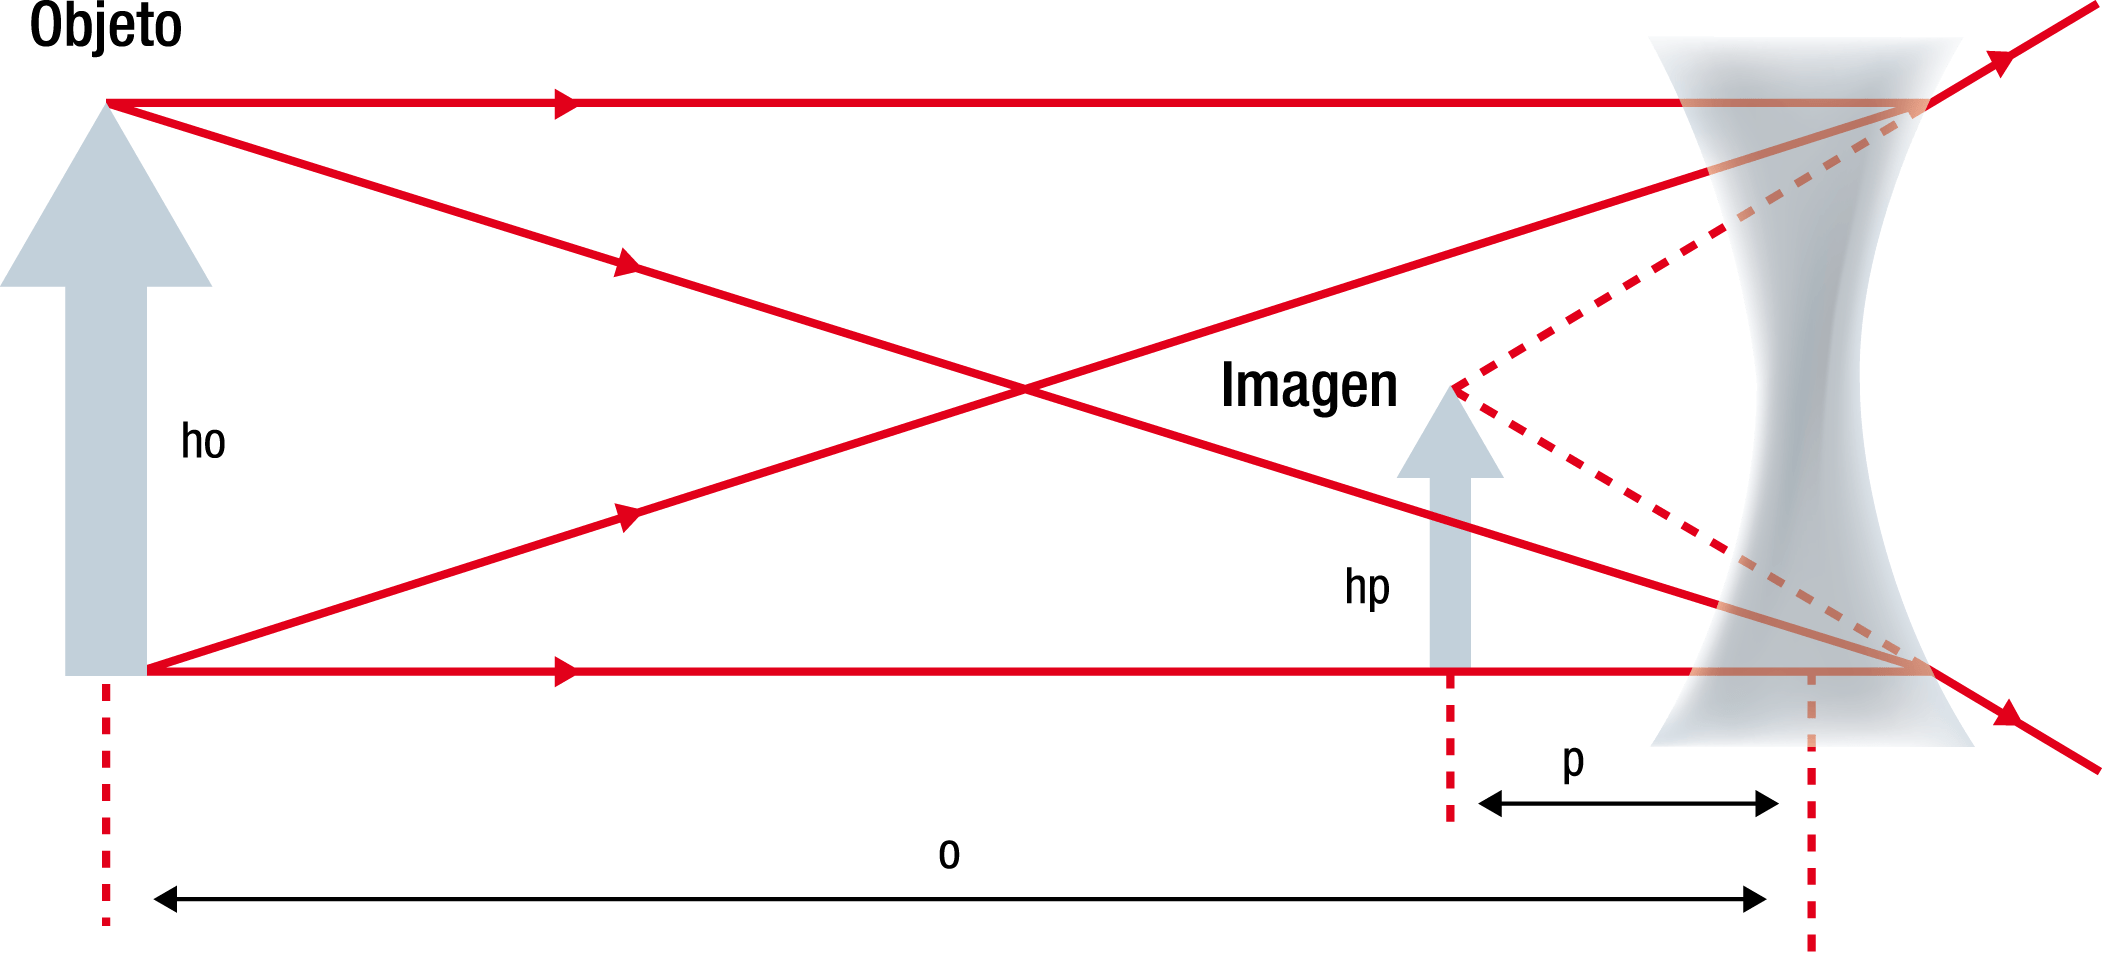 Figura36